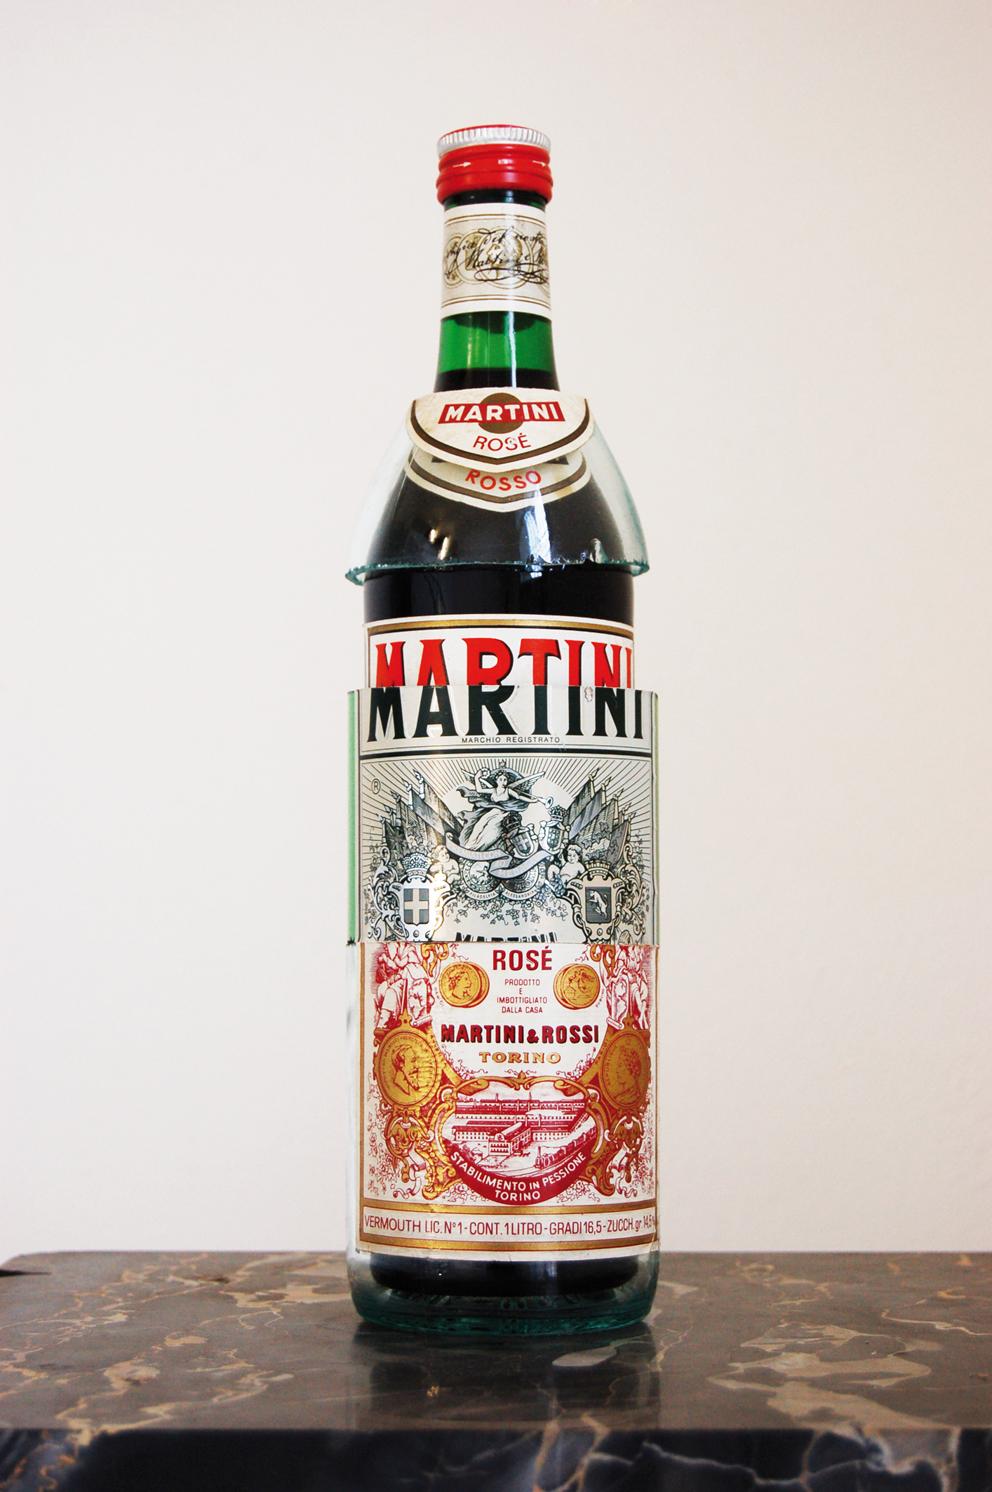 Flavio Favelli, Martini Extra 1, 2007